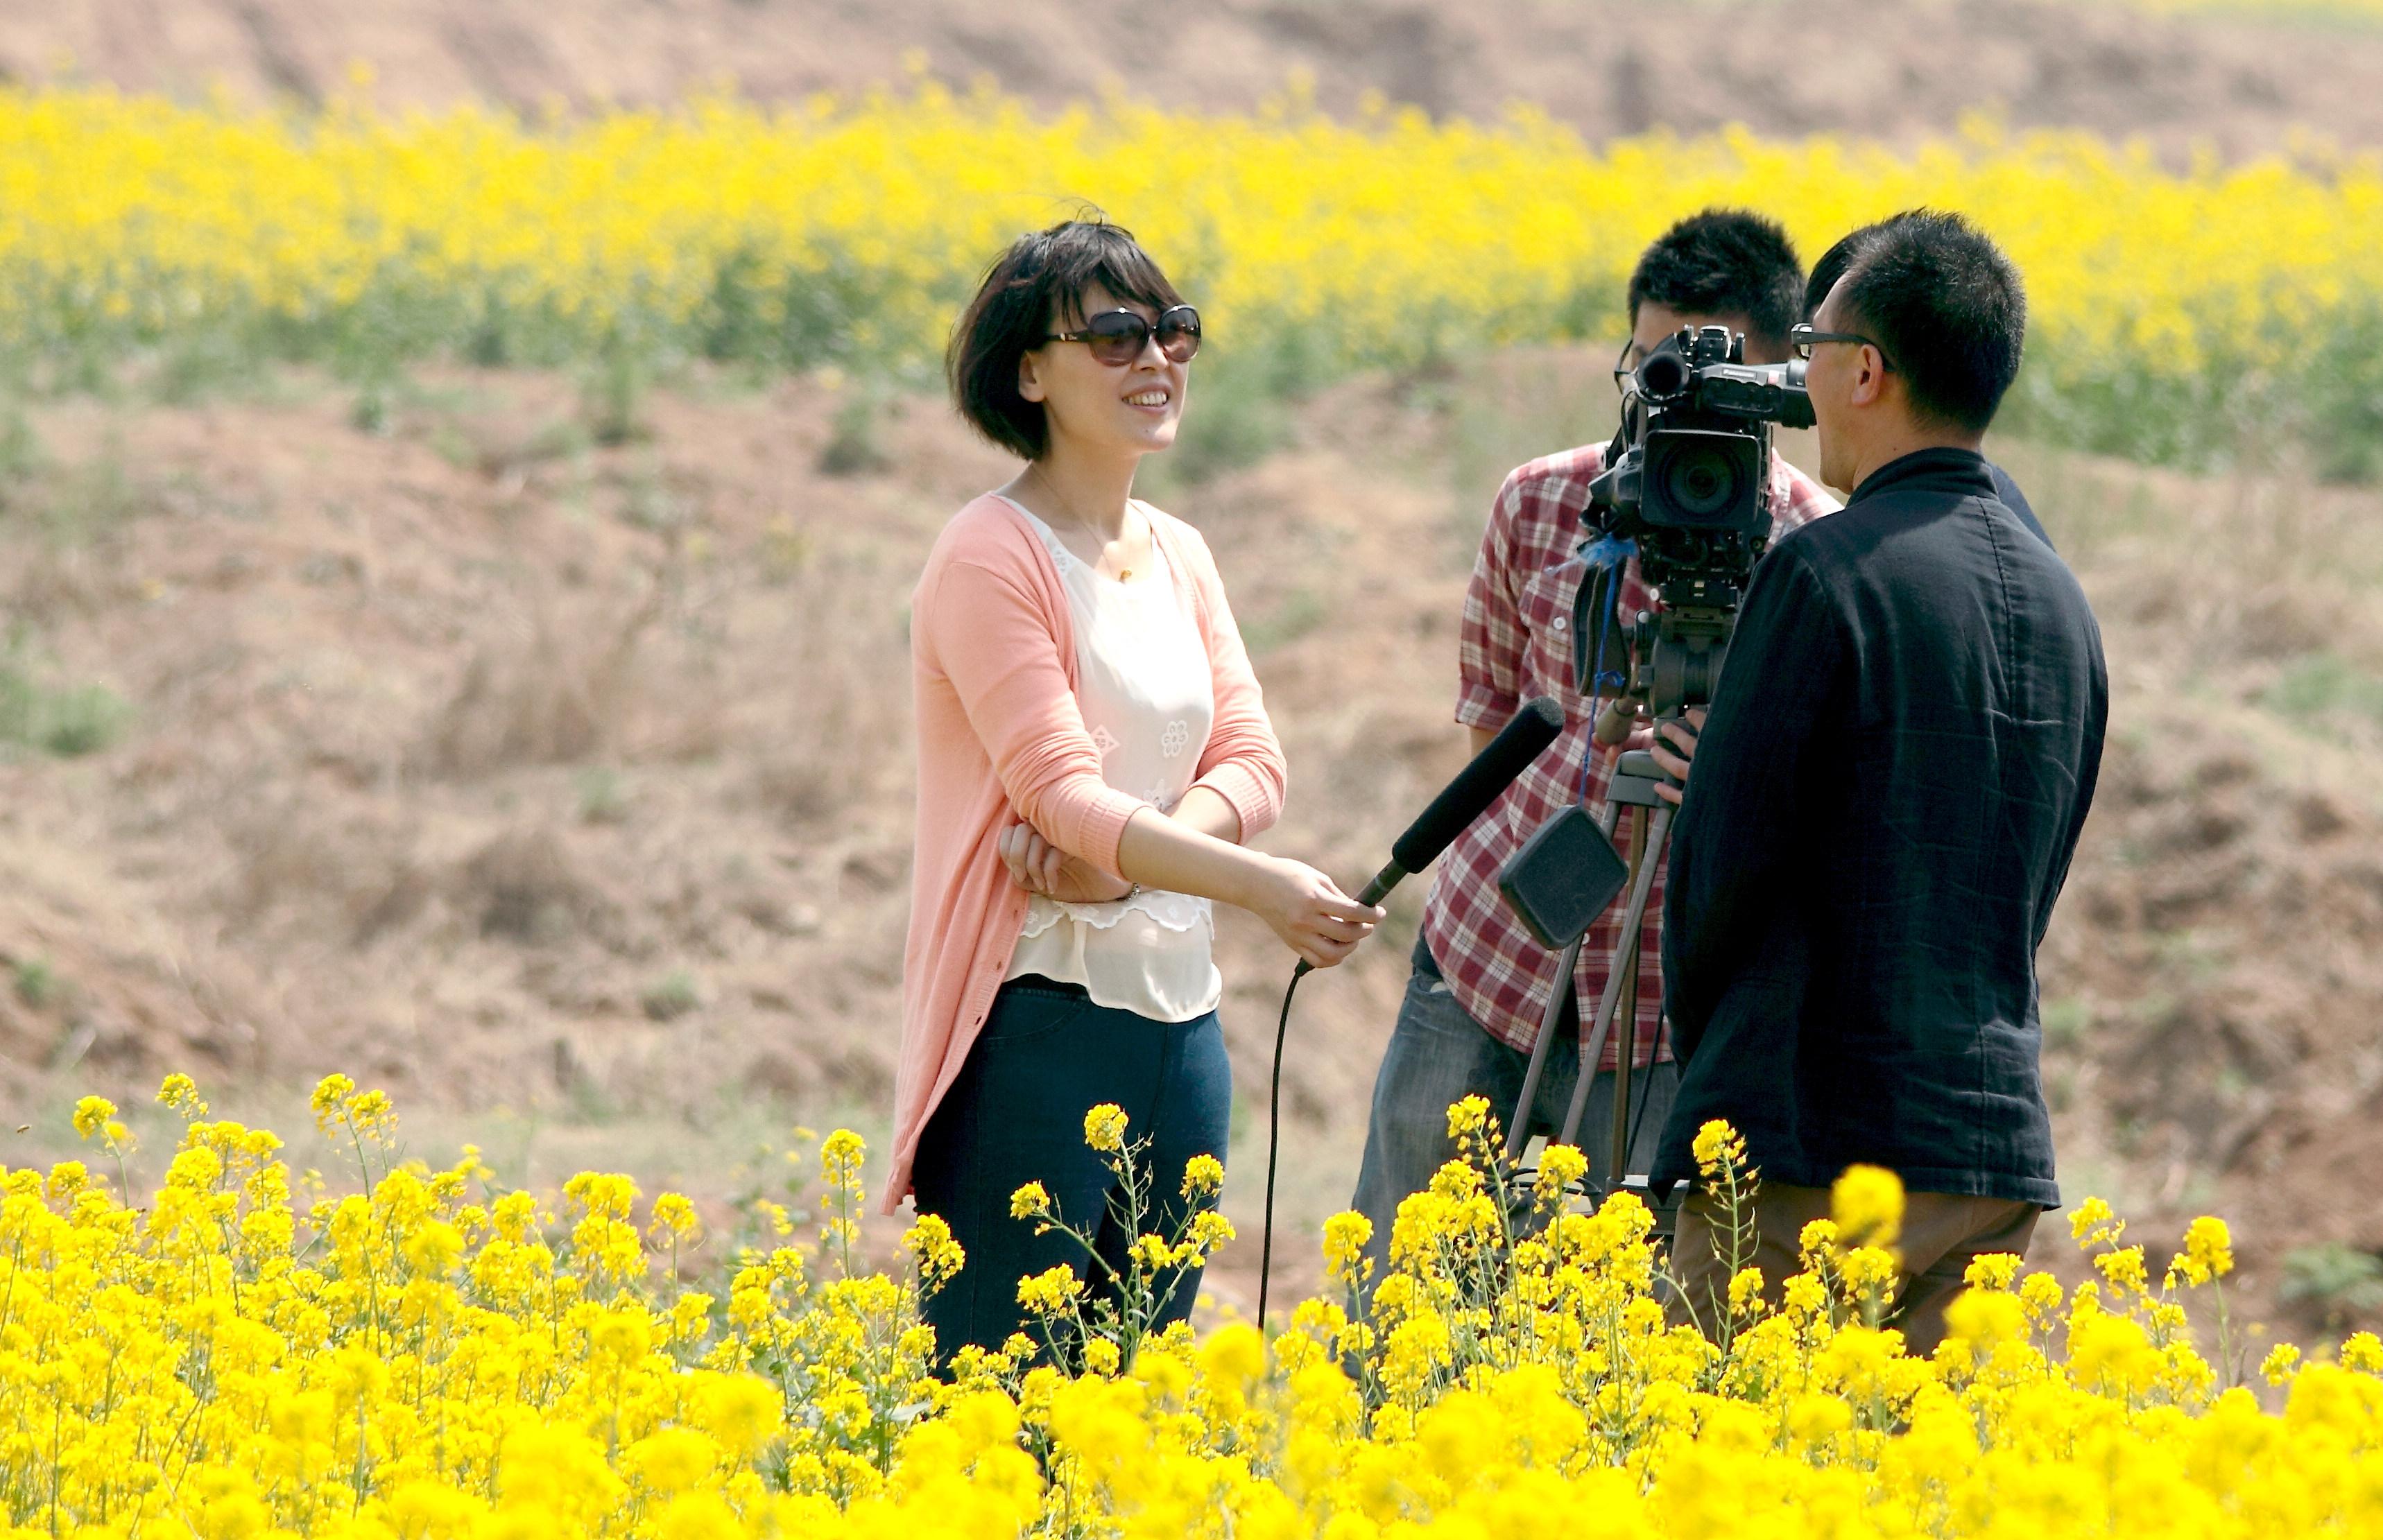 美女记者在田间 - 社会生活